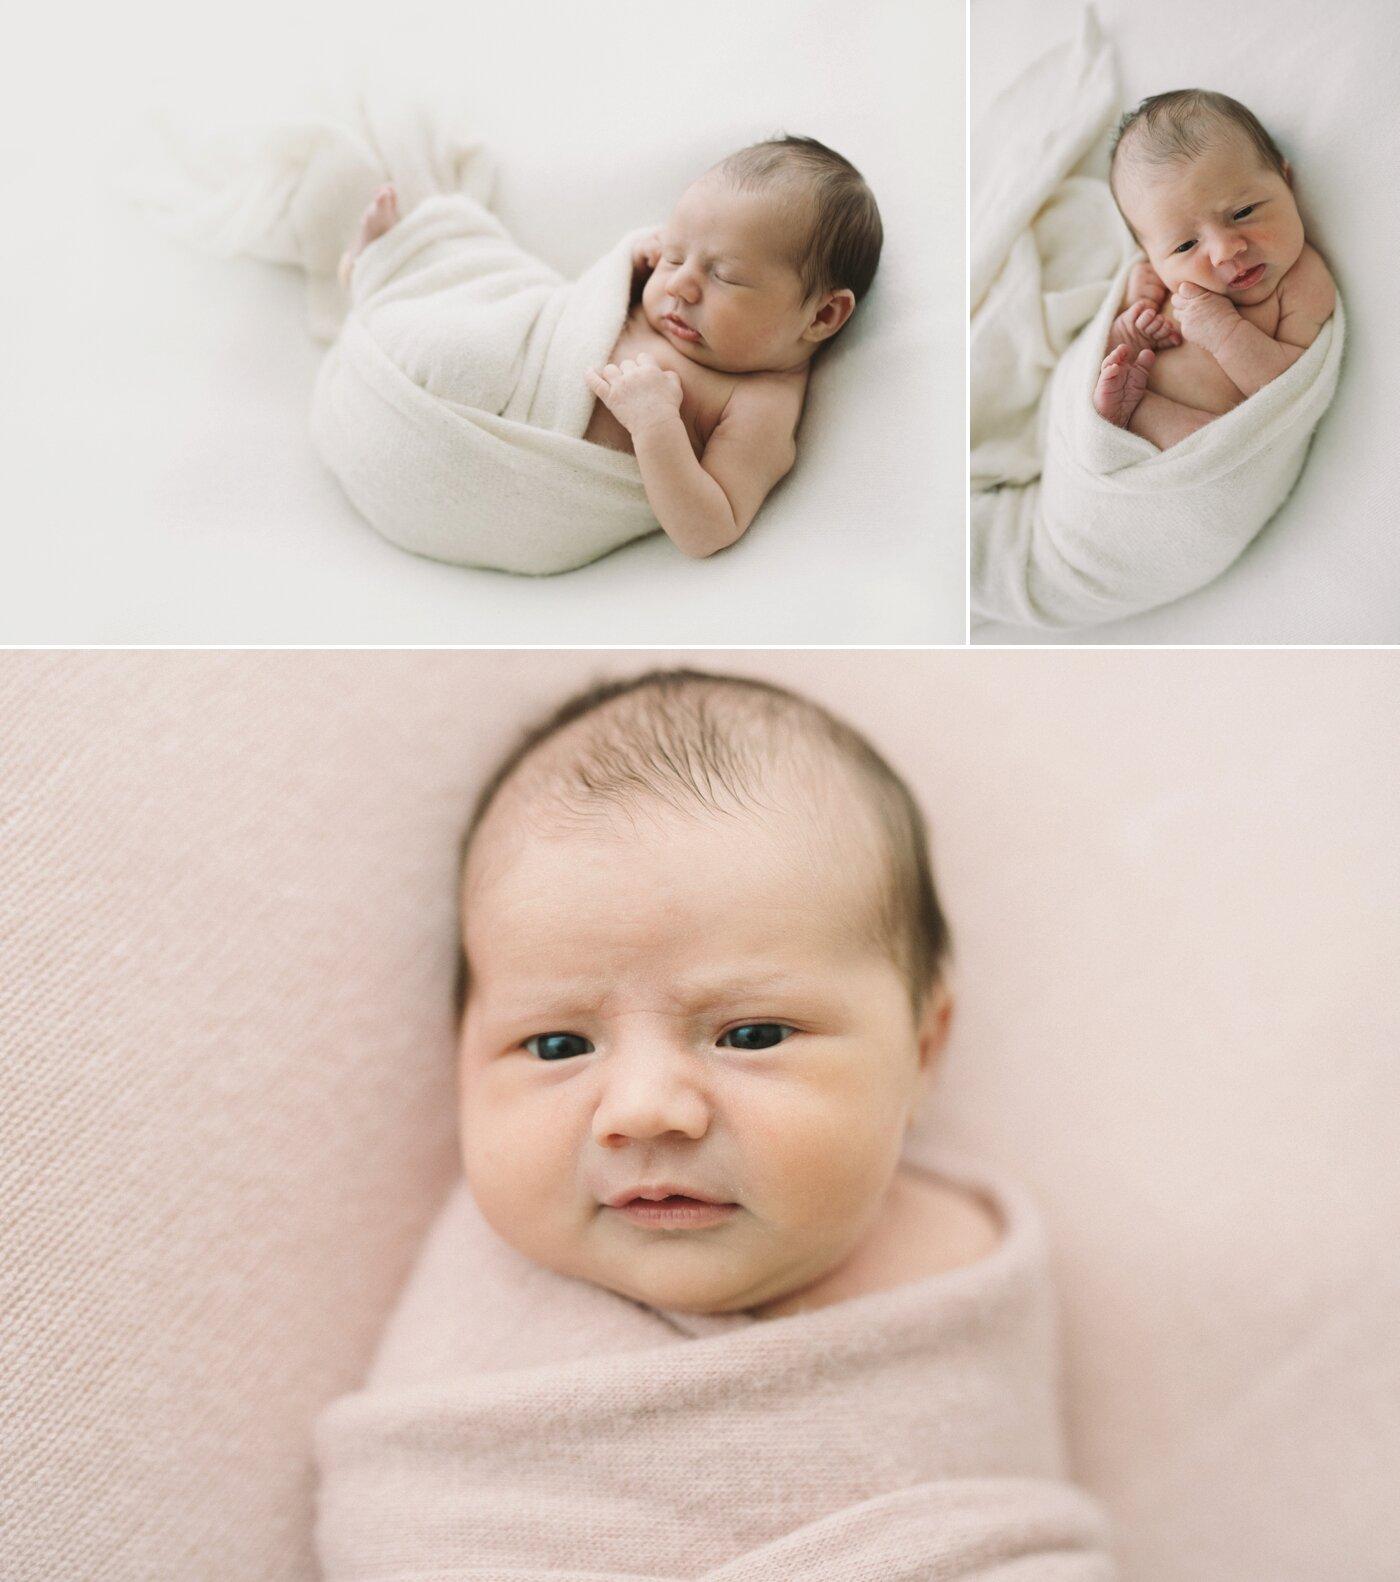 Baby Rosie - Natural Newborn Photography in Adelaide - Simple and Beautiful Newborn Photography - Katherine Schultz - Natural Light Newborn Photographer in Adelaide - www.katherineschultzphotography.com_0013.jpg